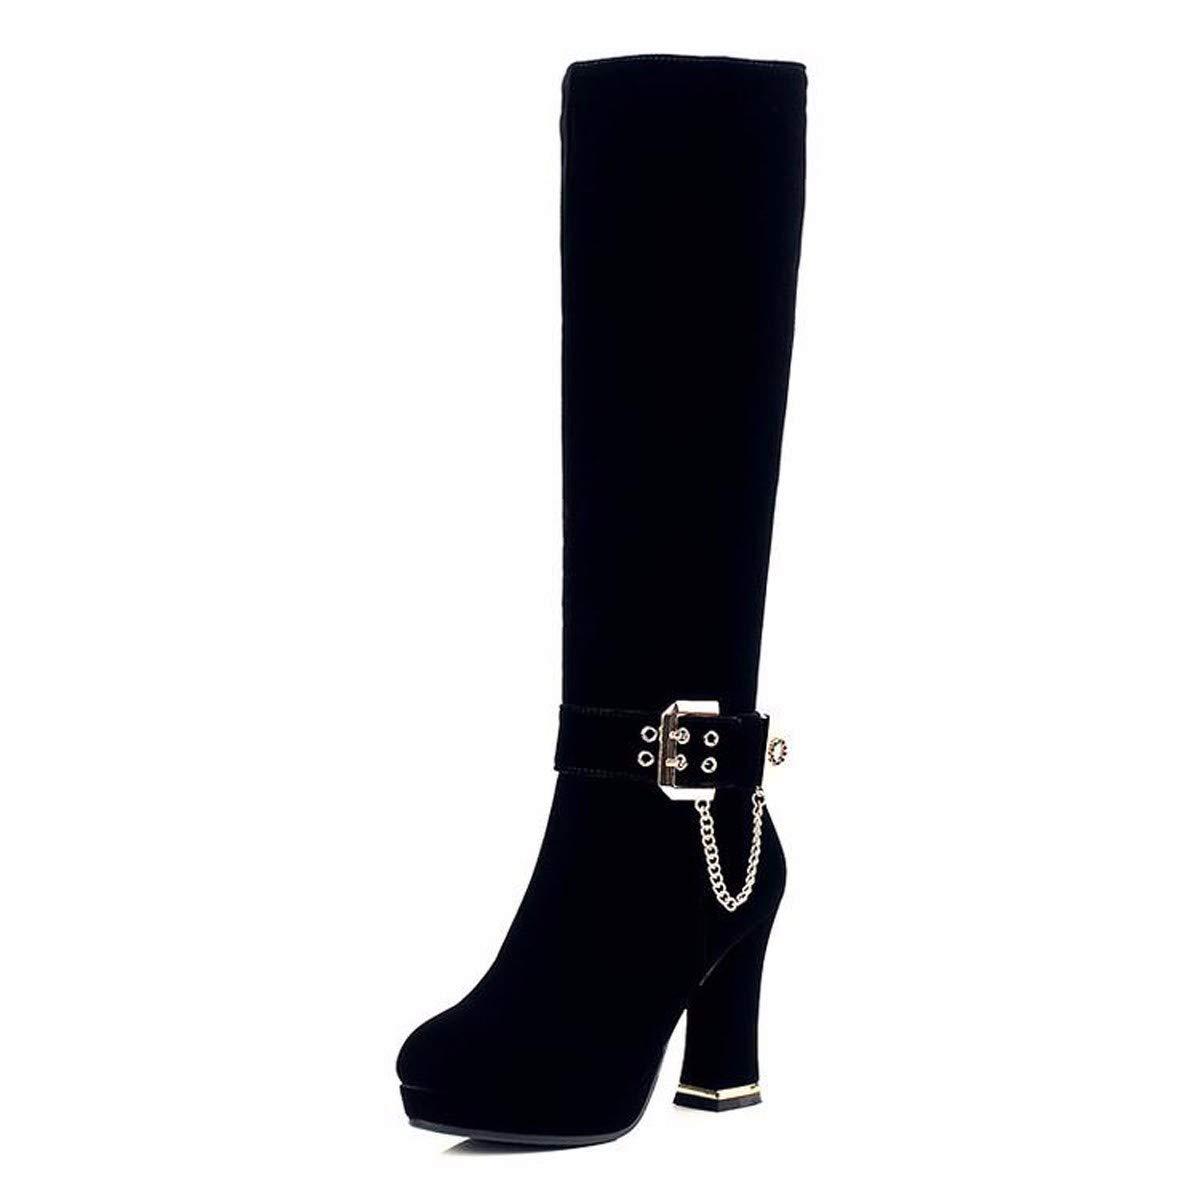 KOKQSX-Damen - Stiefel Runden Kopf warm Lange röhre modische Schuhe Joker Ritter - Stiefel.